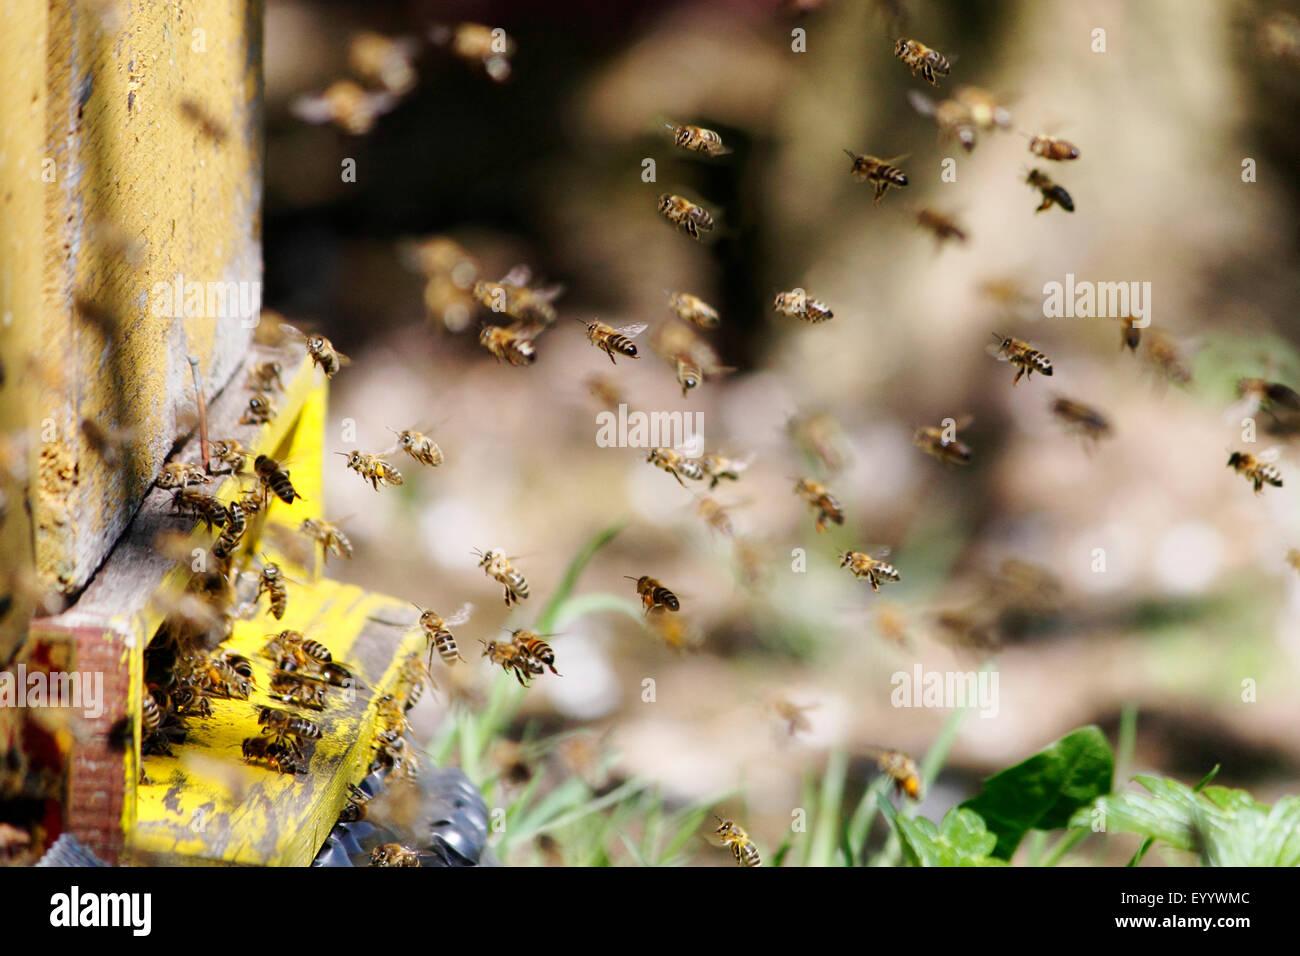 Honigbiene, Bienenkorb Biene (Apis Mellifera Mellifera), fliegende Bienen um die Box, Deutschland Stockbild